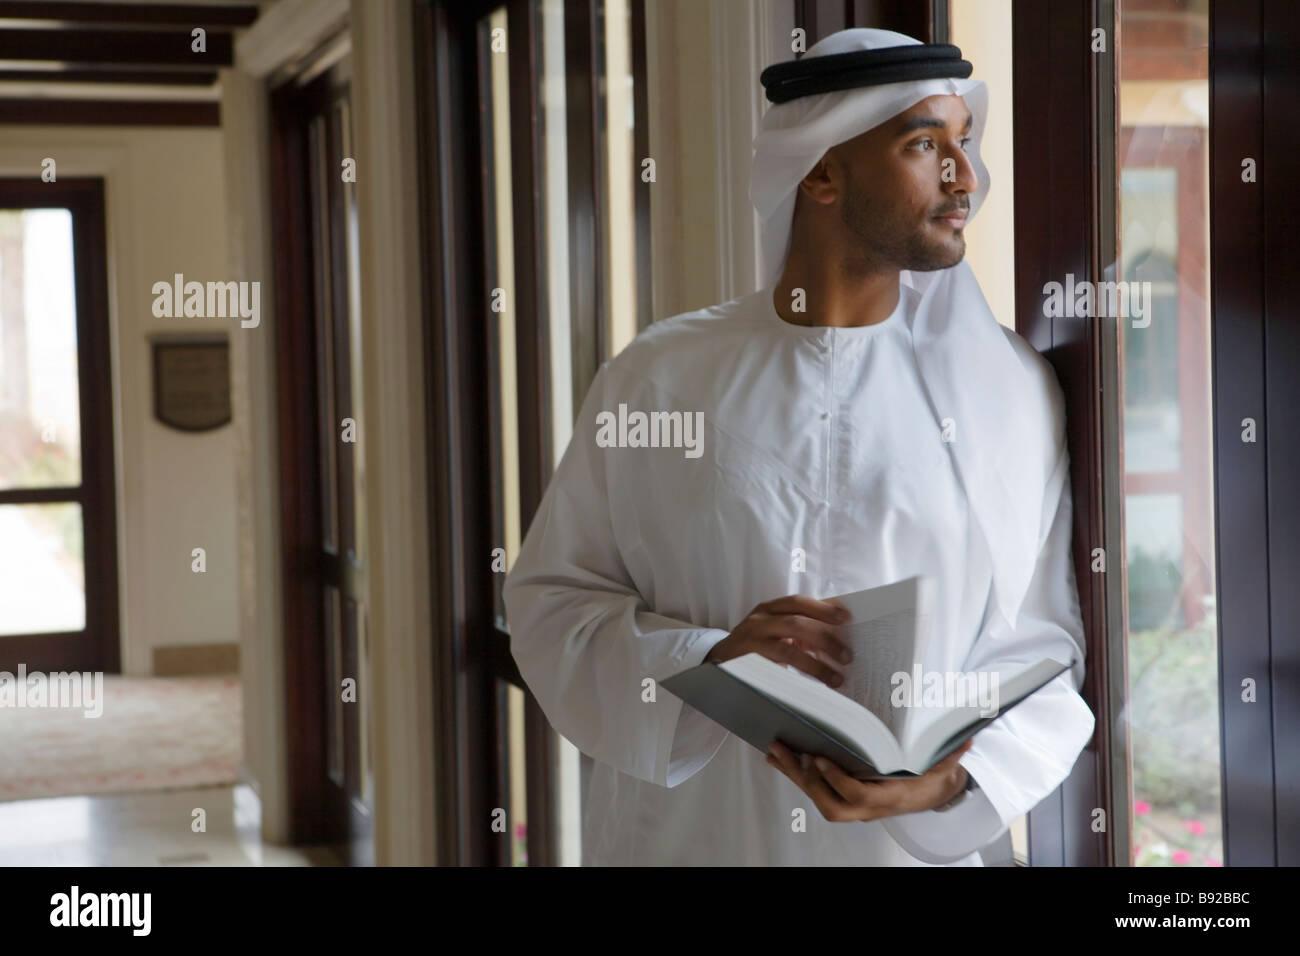 Uomo arabo guardando fuori della finestra in possesso di un libro Immagini Stock